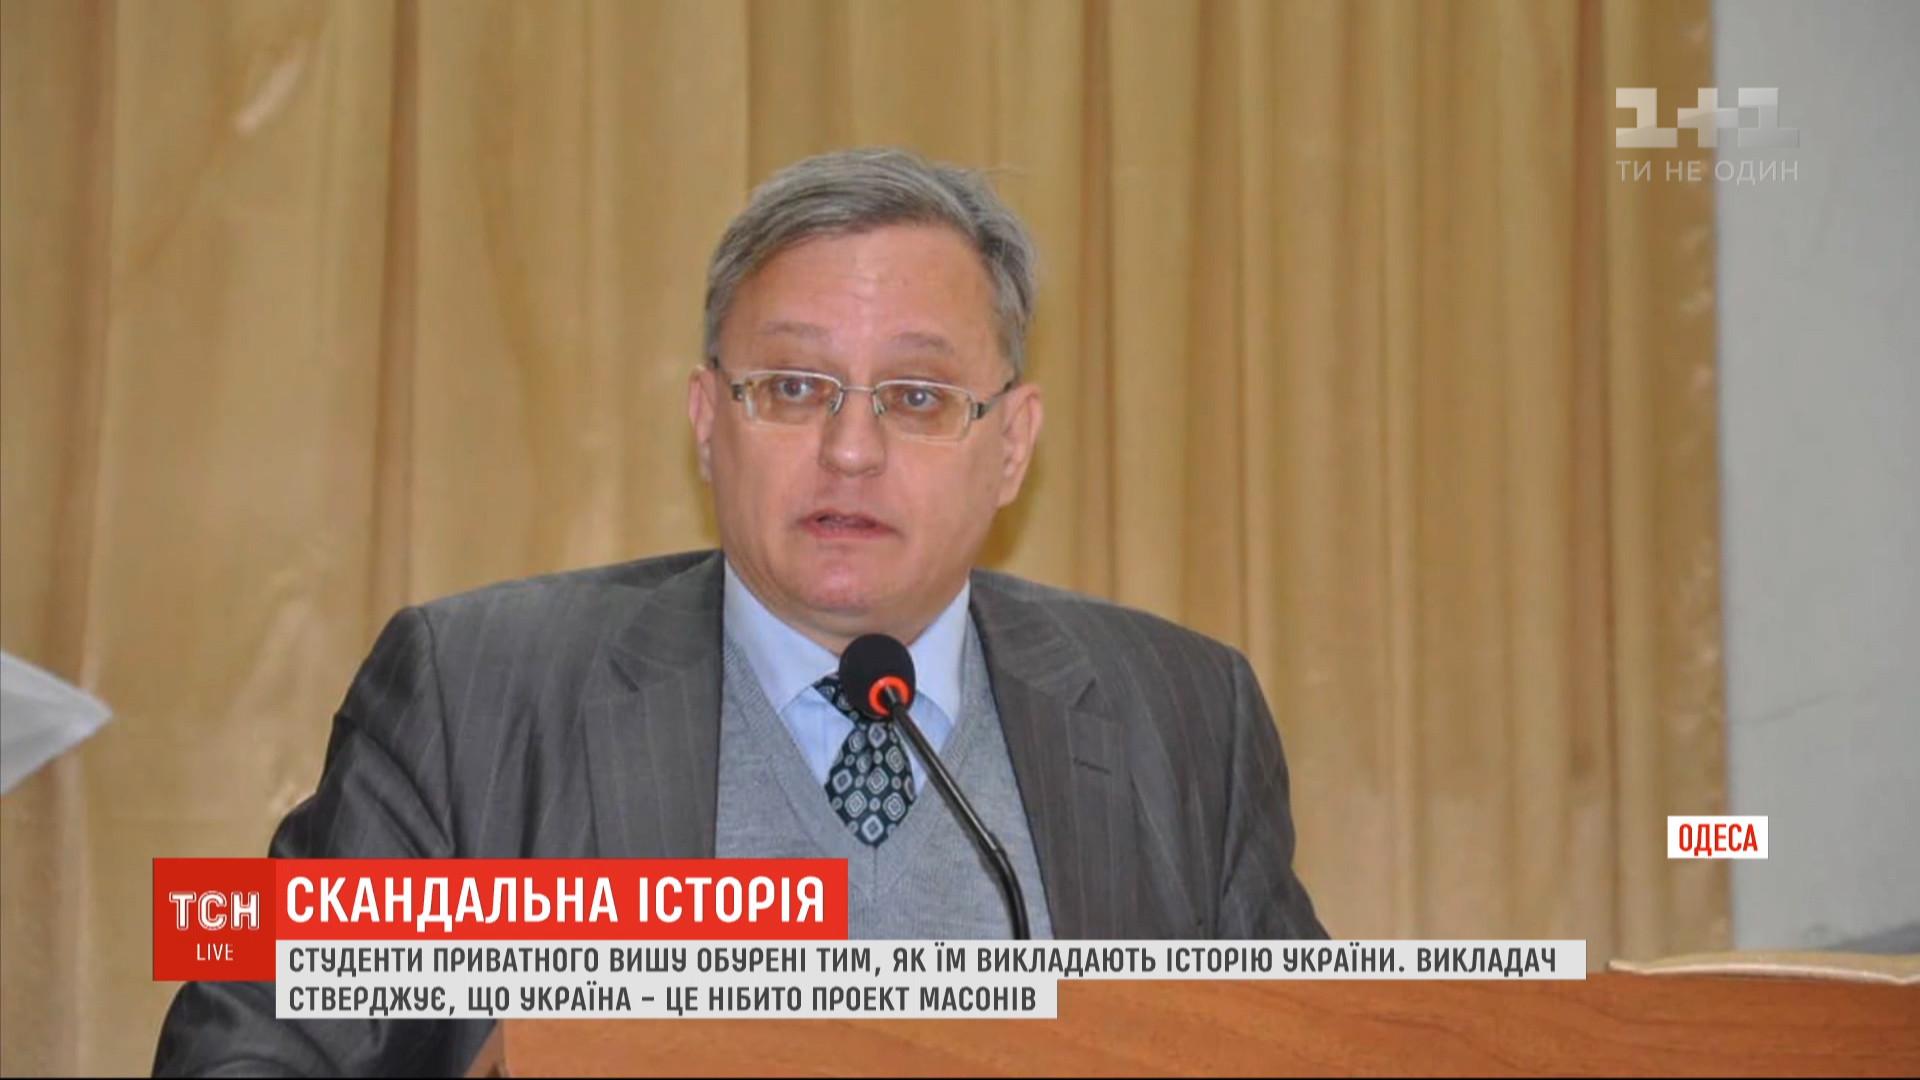 «Україна - проект польських масонів»: викладача історії звинувачують в сепаратизмі